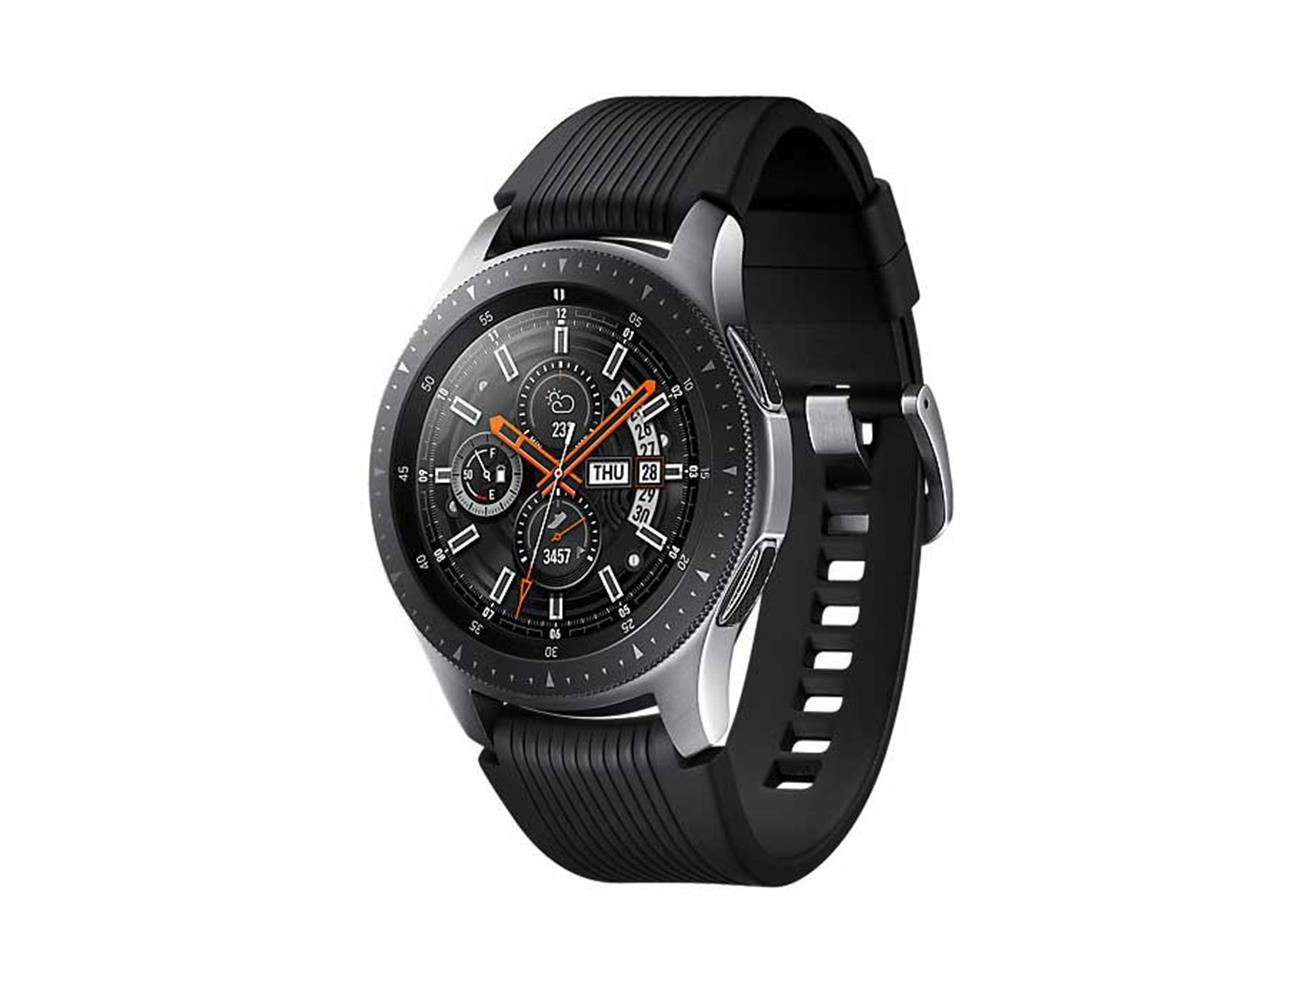 Samsung Galaxy Smart Watch 46mm - Silver| Blink Kuwait